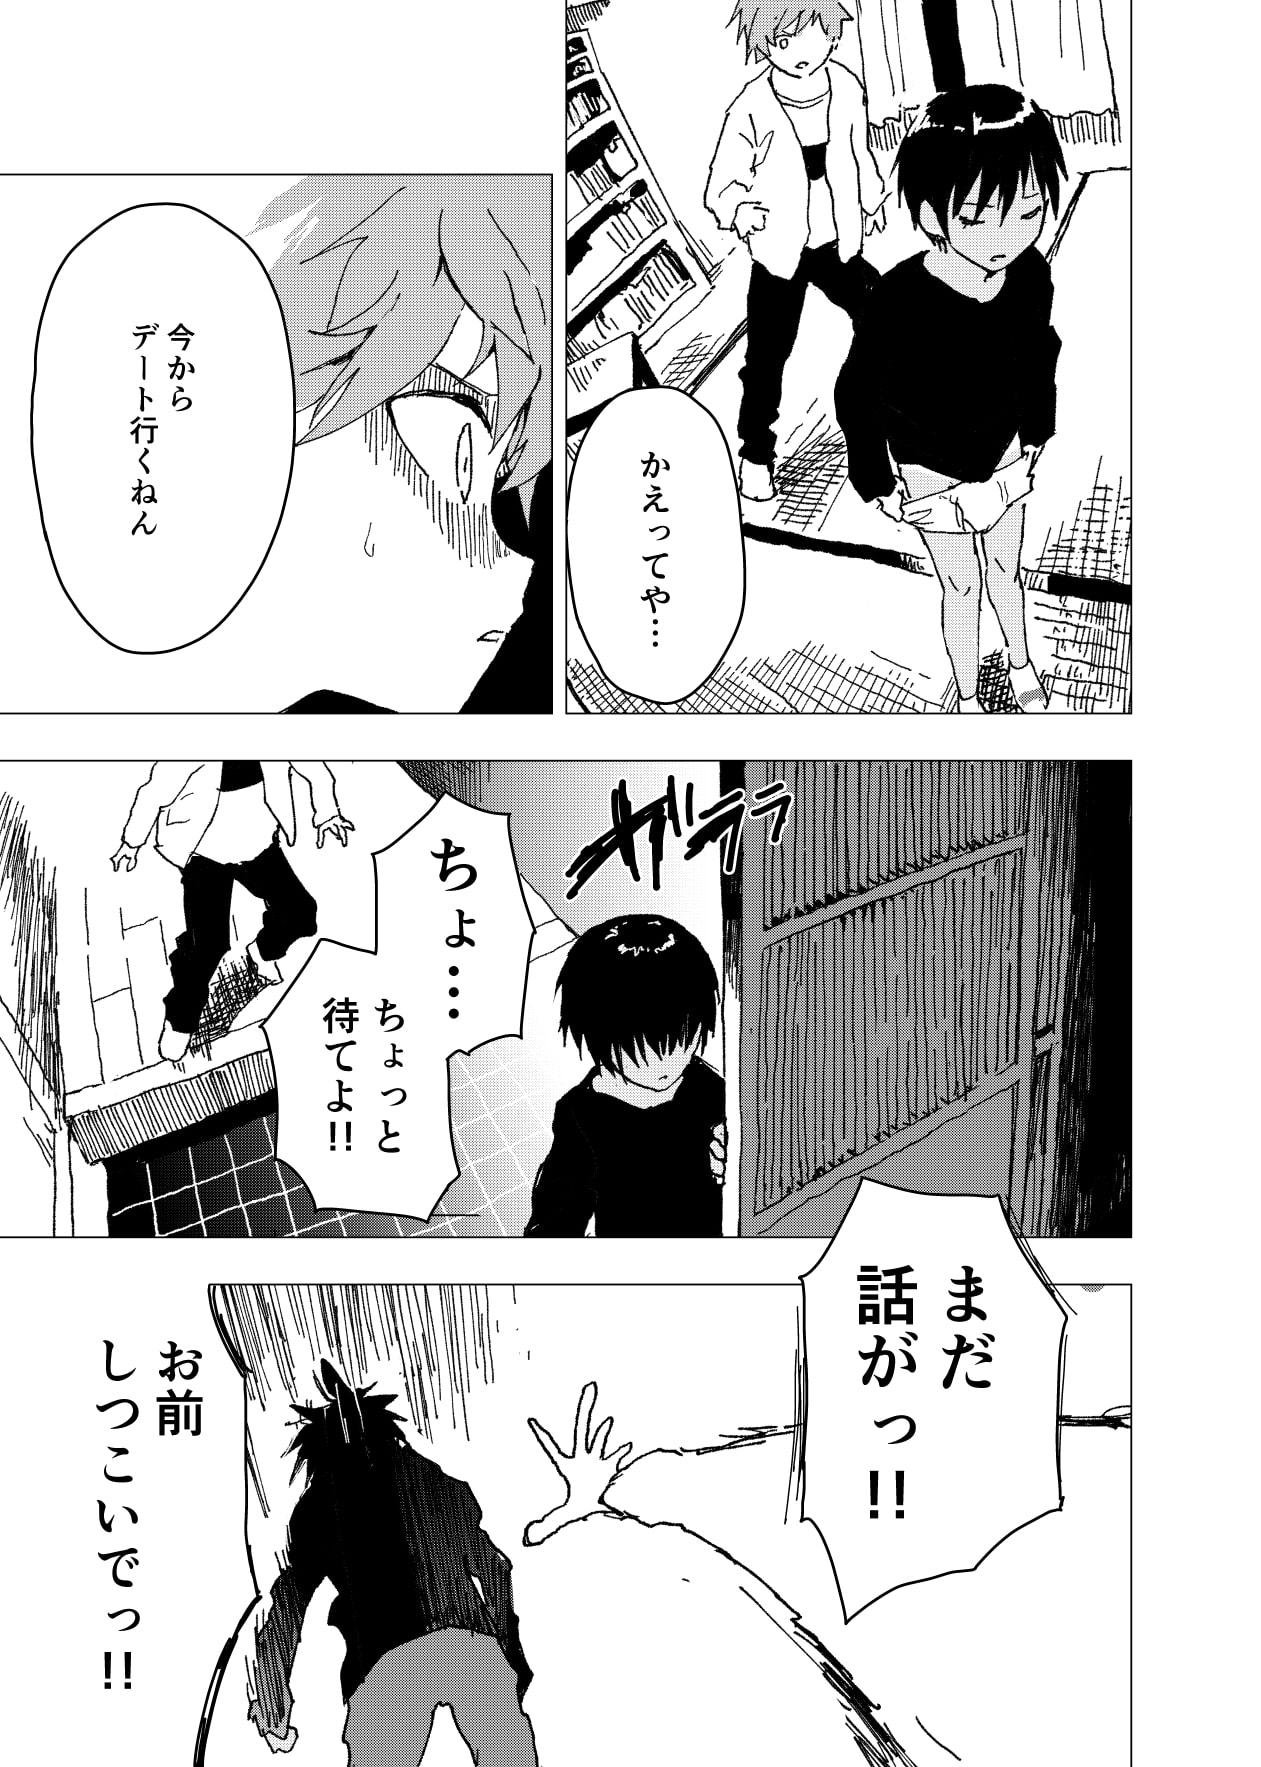 田舎の受け少年と都会の攻め少年のエロ漫画【12話】